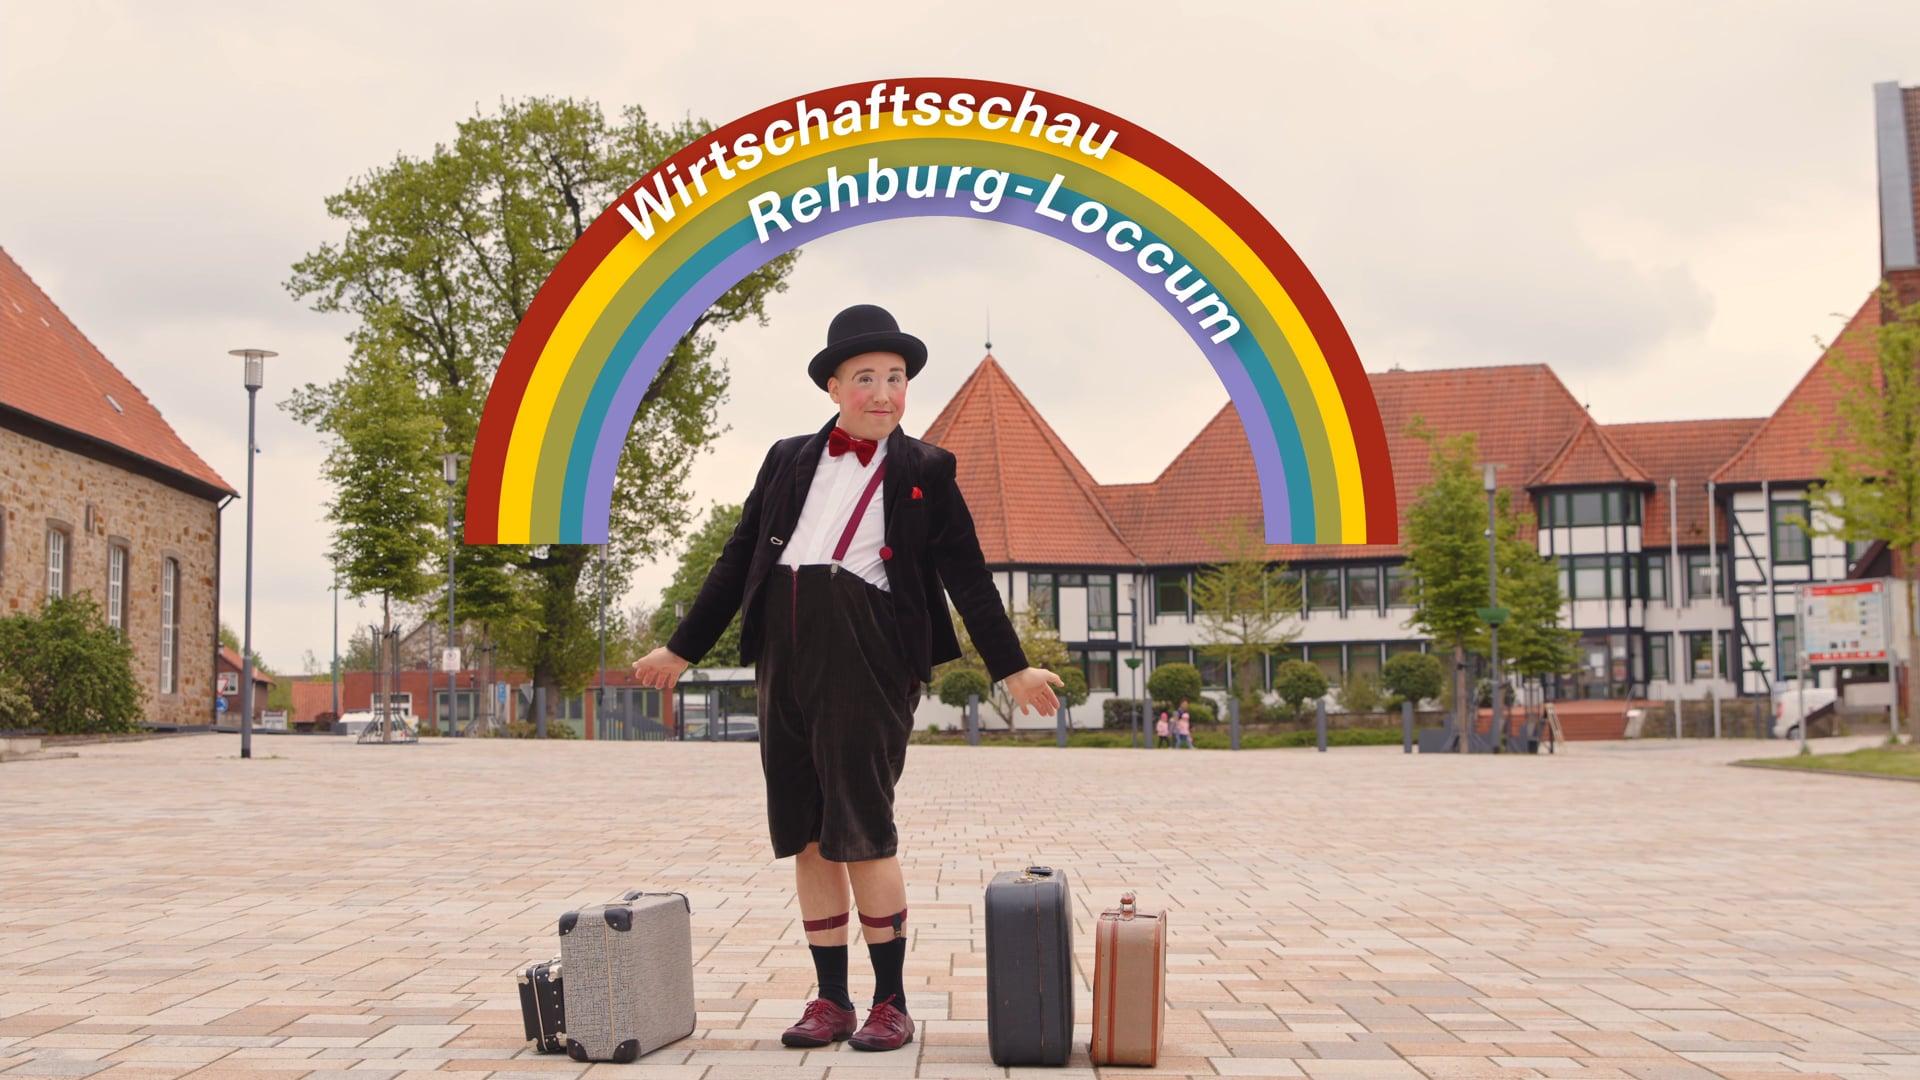 Monsieur Momo Wirtschaftsschau Rehburg-Loccum